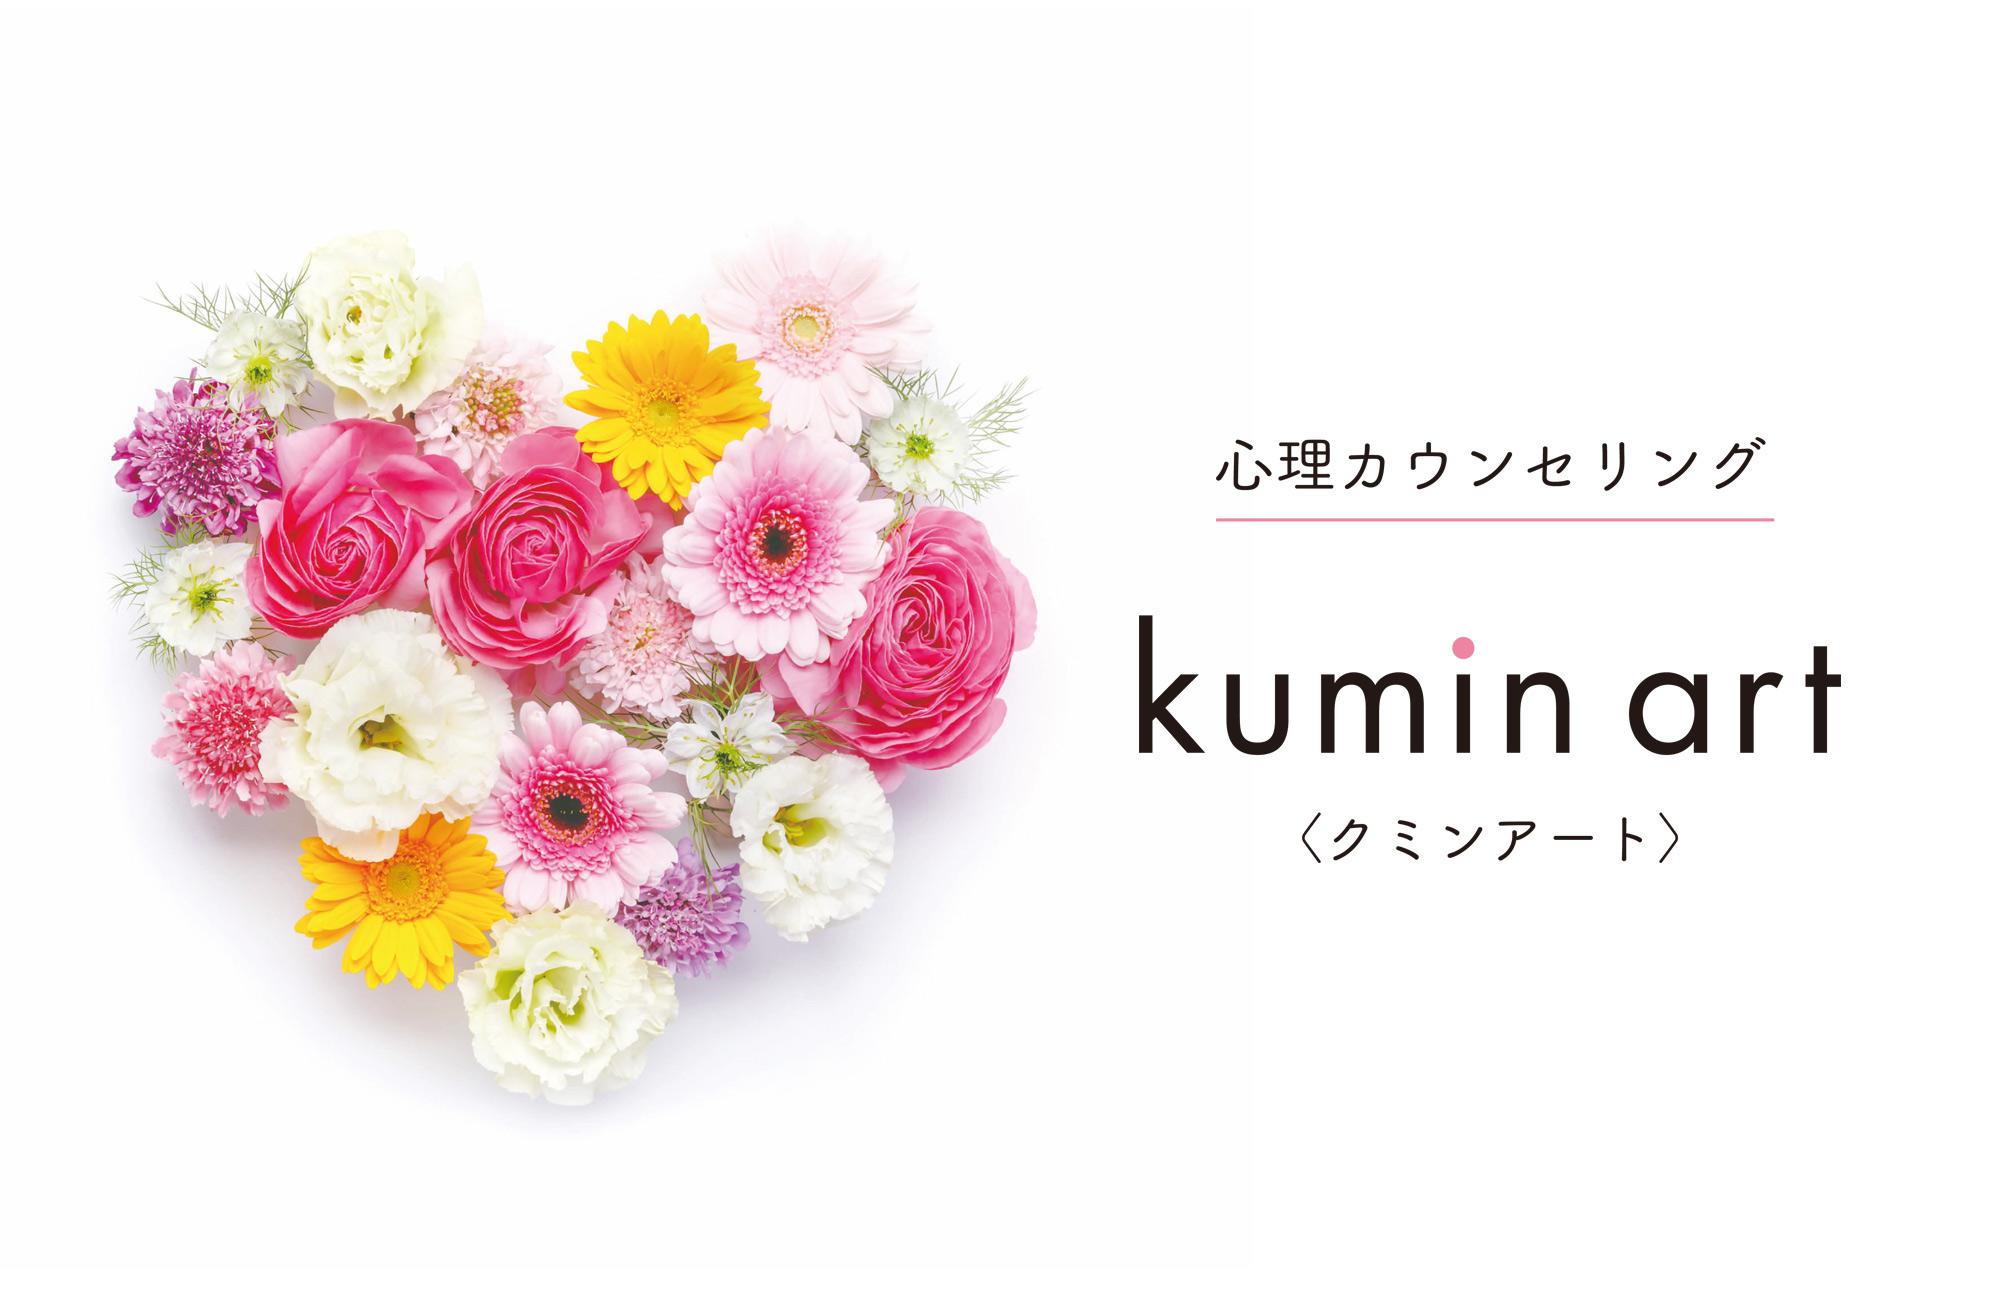 心理カウンセリング Kumin art(クミンアート)